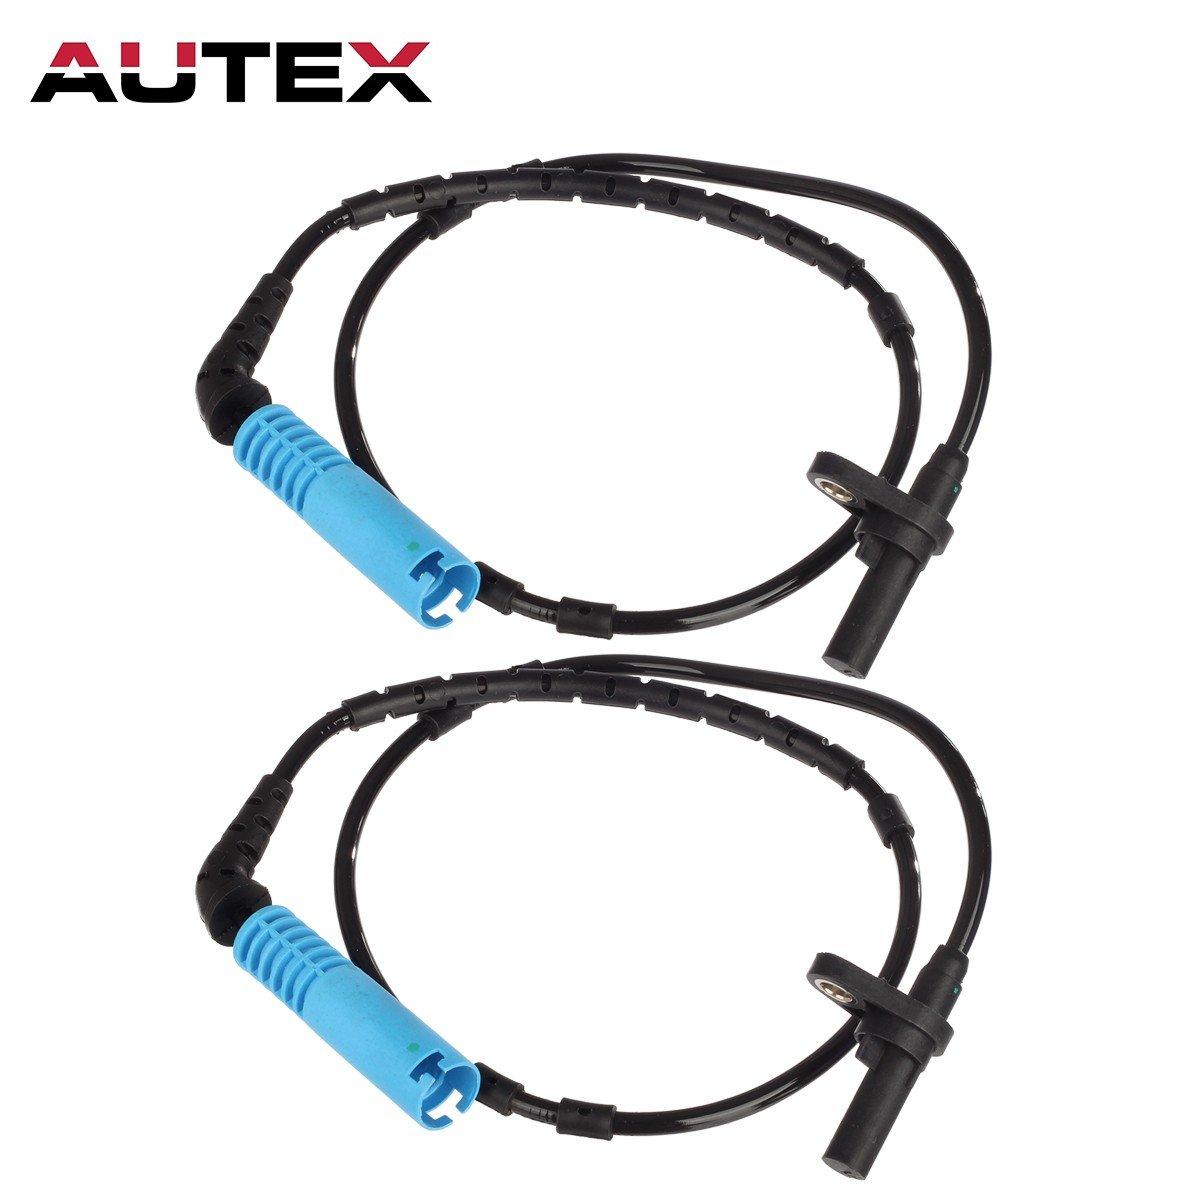 AUTEX 2pcs ABS Wheel Speed Sensor Rear Left & Right ALS441 compatible with 2004 2005 2006 2007 2008 2009 2010 BMW X3 2.5L 3.0L